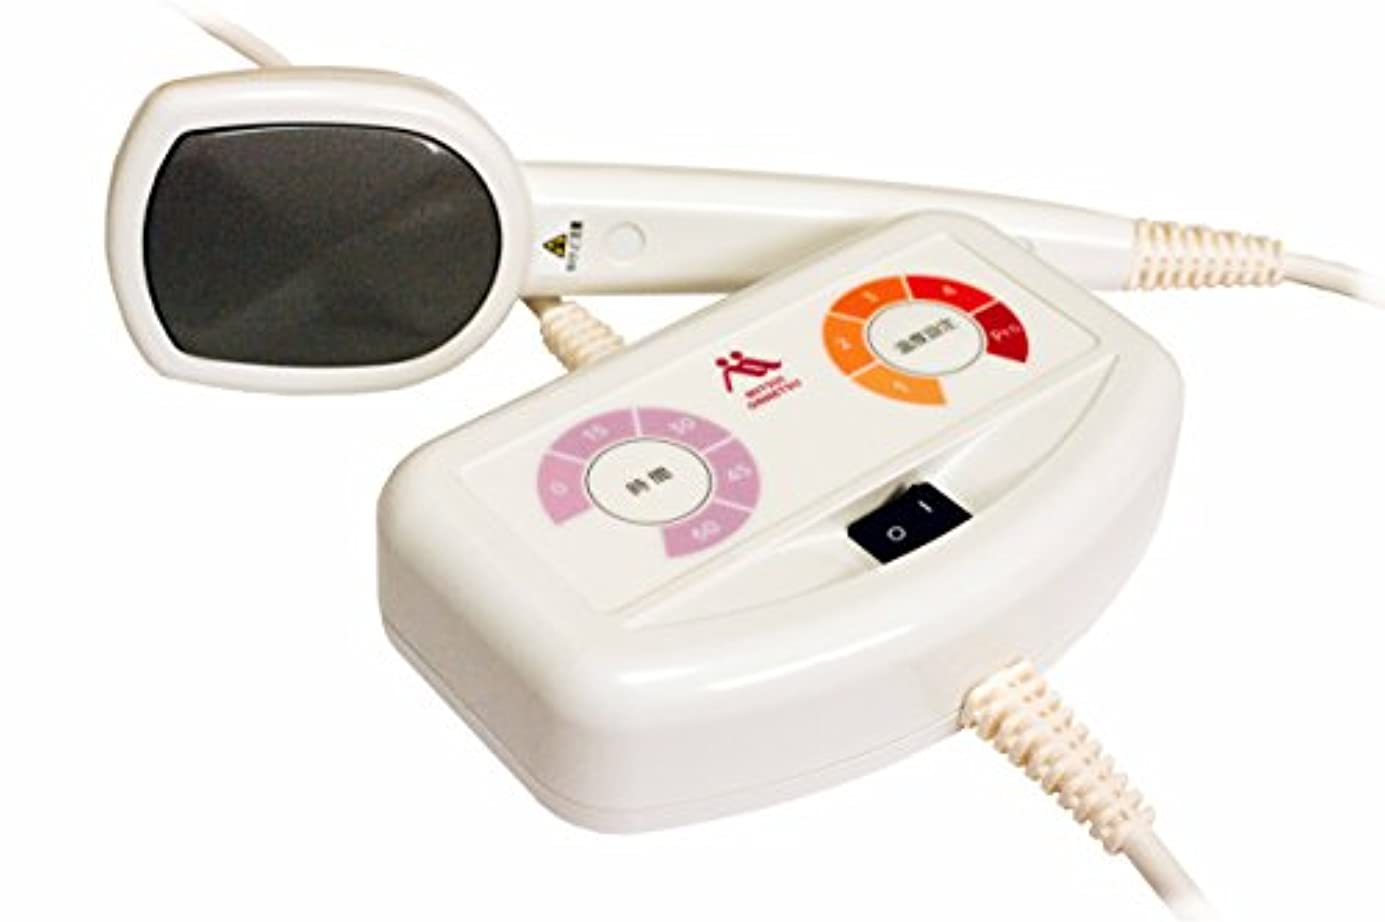 キロメートルほのか便益三井式温熱治療器Ⅲ(MI-03型)&マイハンドらくらくⅡ